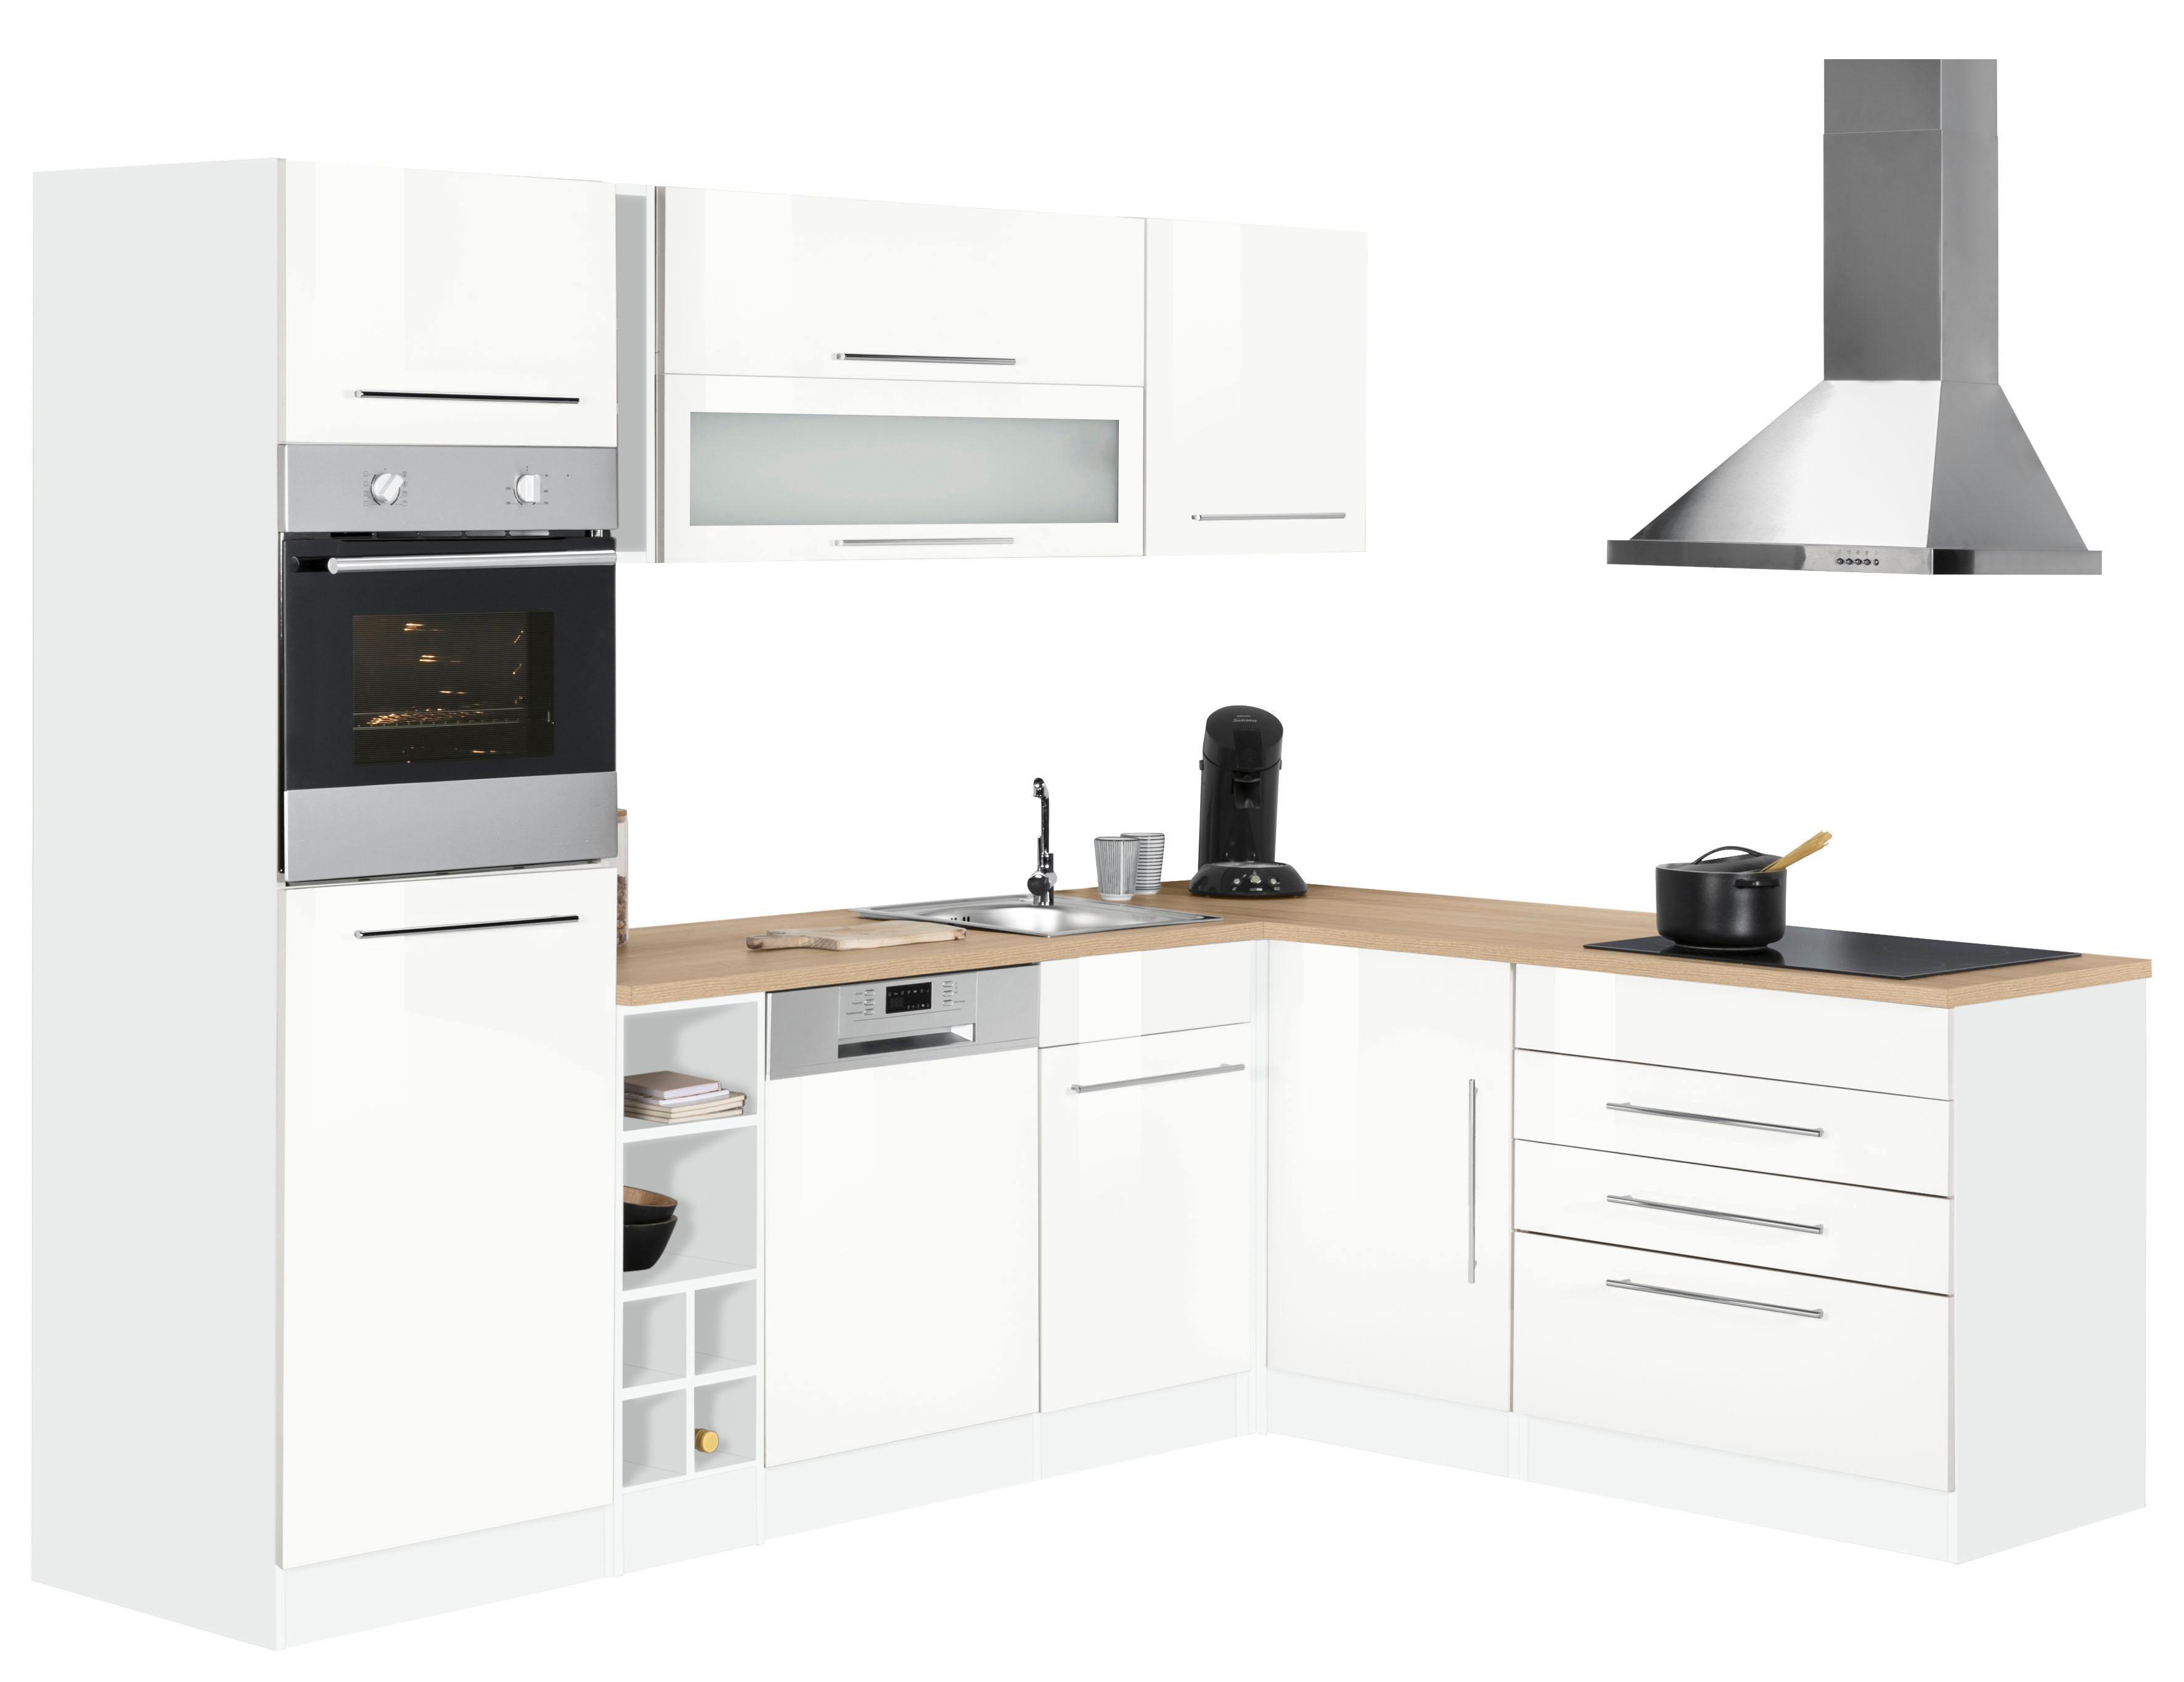 HELD MÖBEL Winkelküche Eton ohne E-Geräte Stellbreite 260 x 190 cm